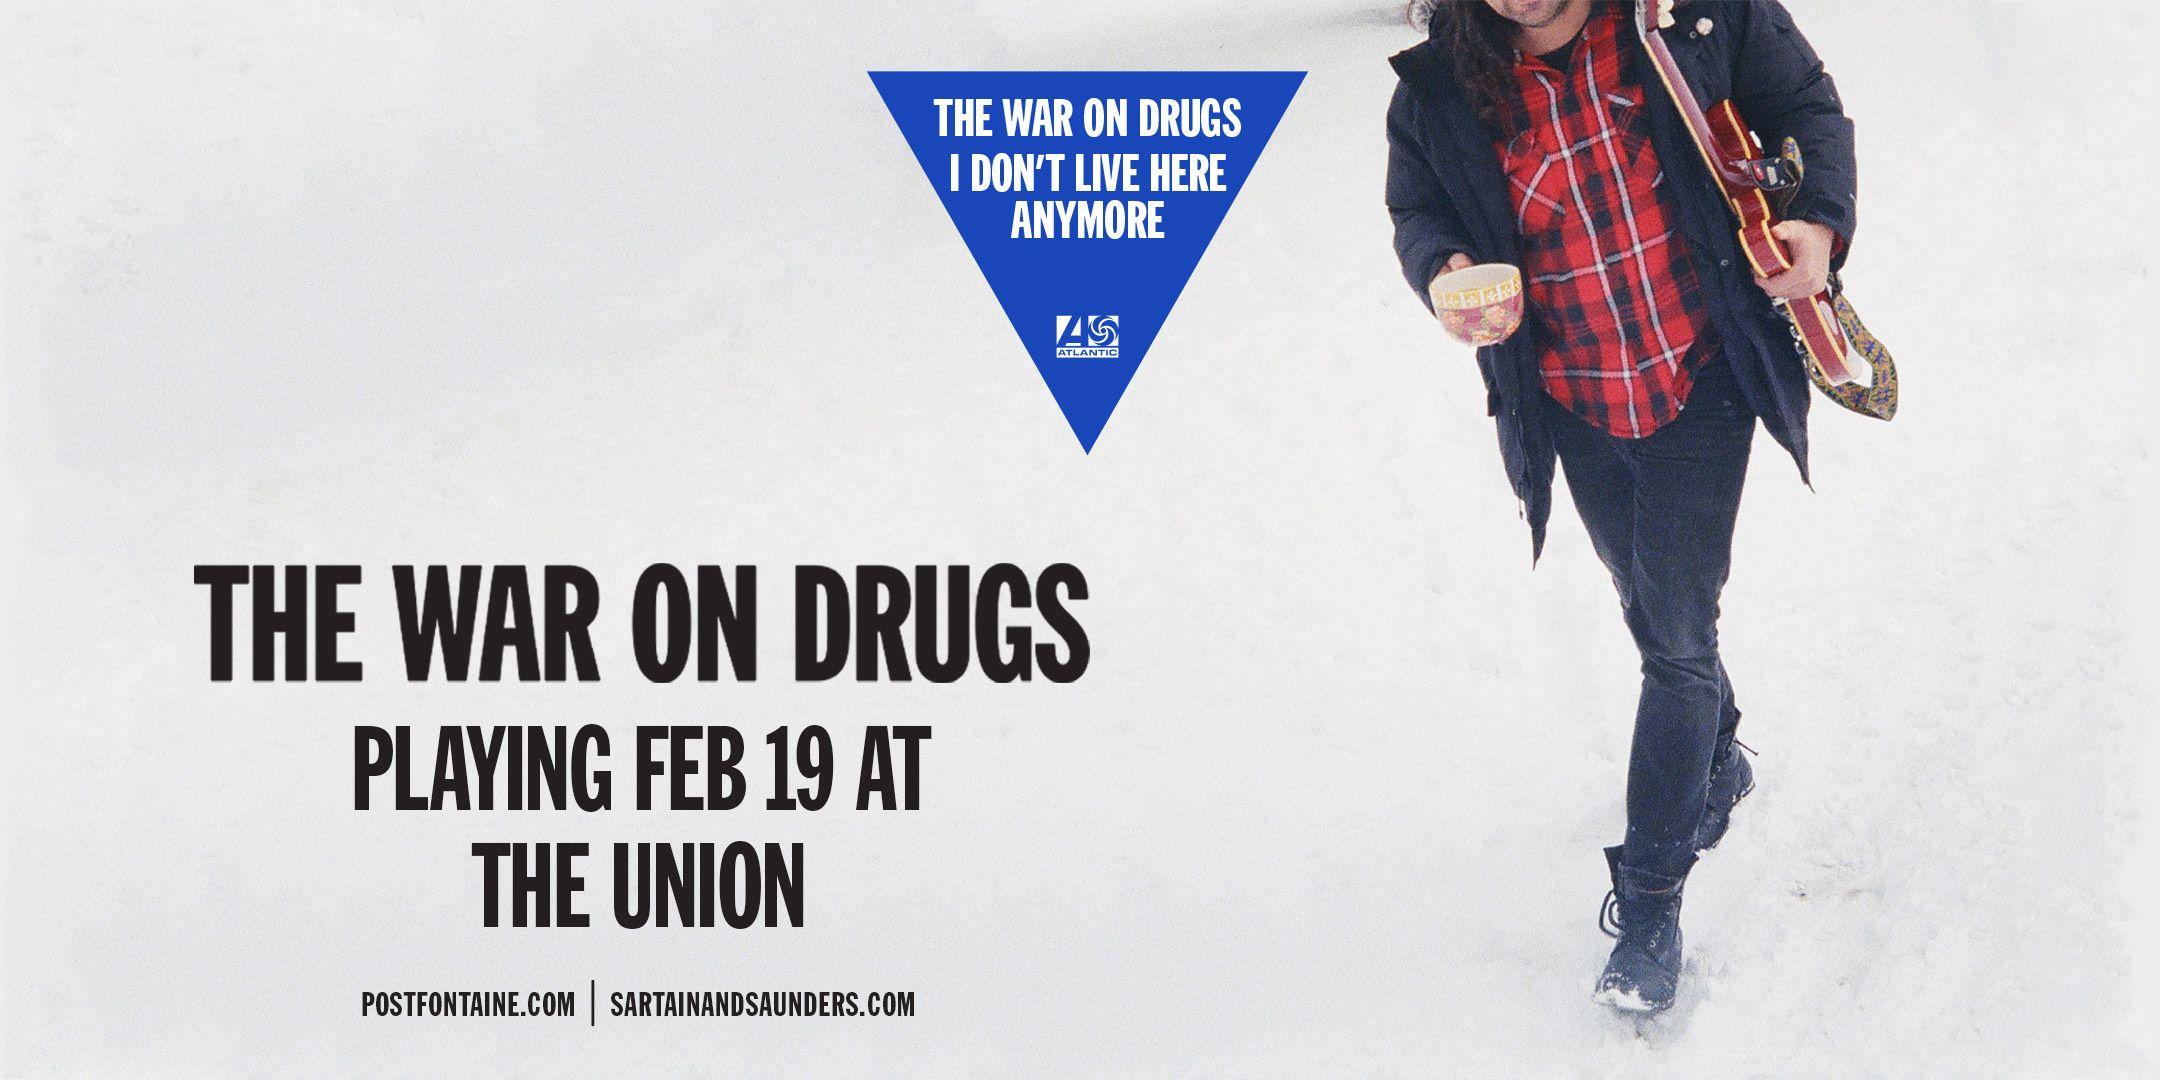 the_war_on_drugs_banner.jpg